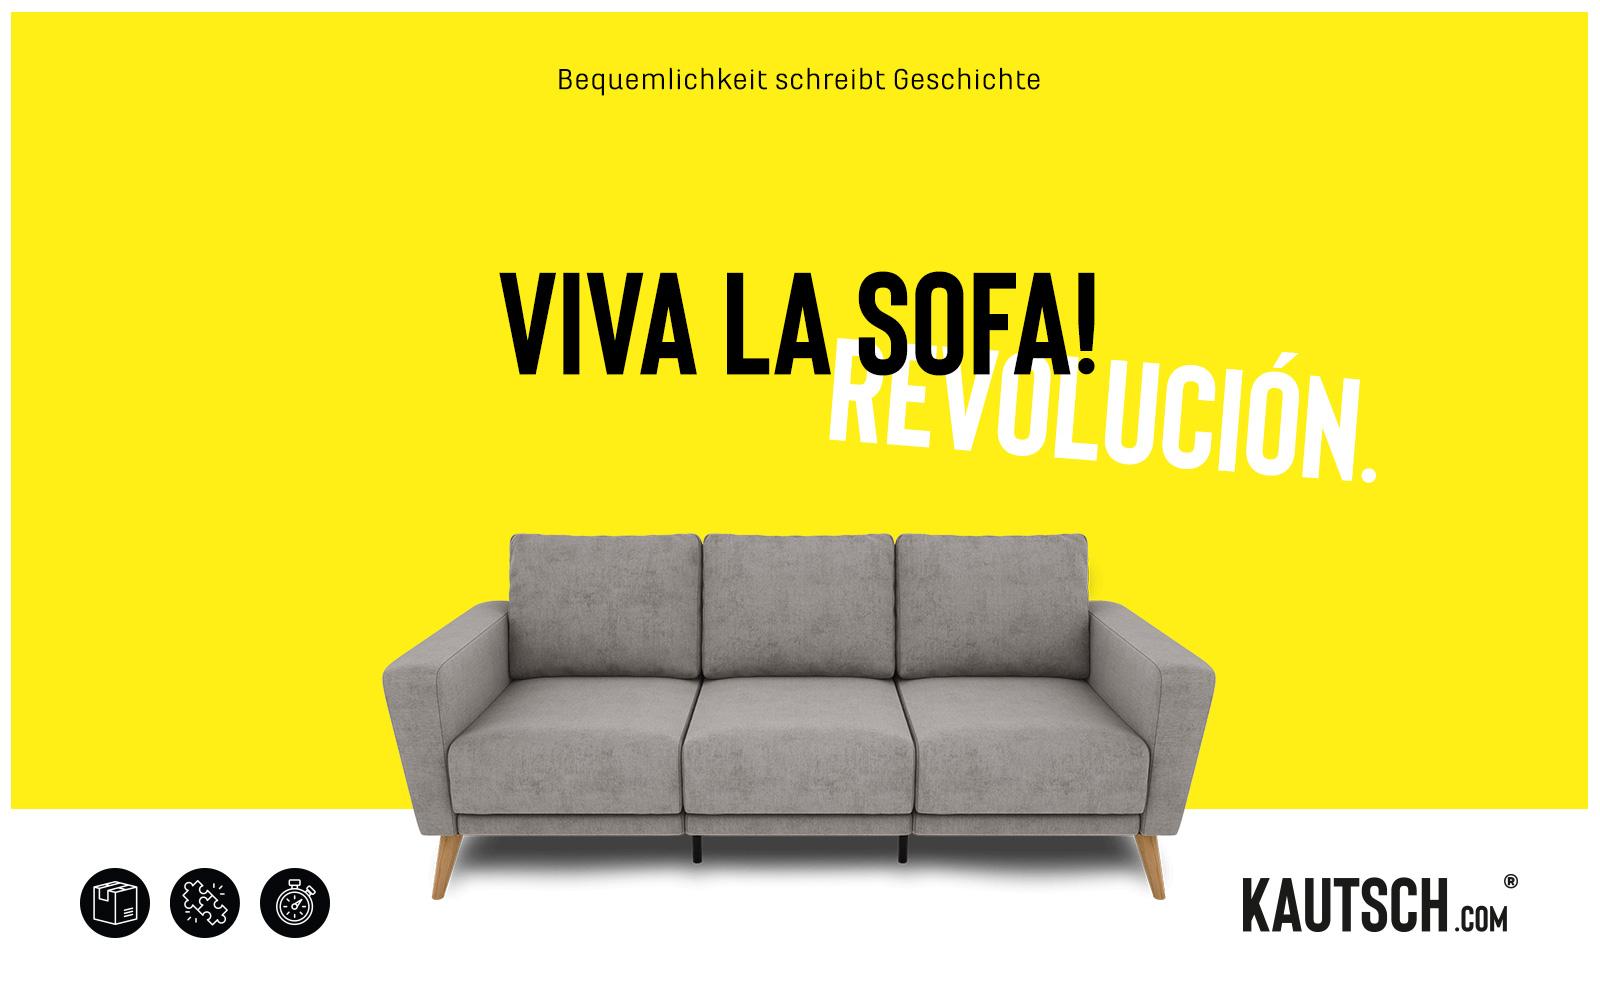 KAUTSCH.com – Kampagne VIVA LA SOFA